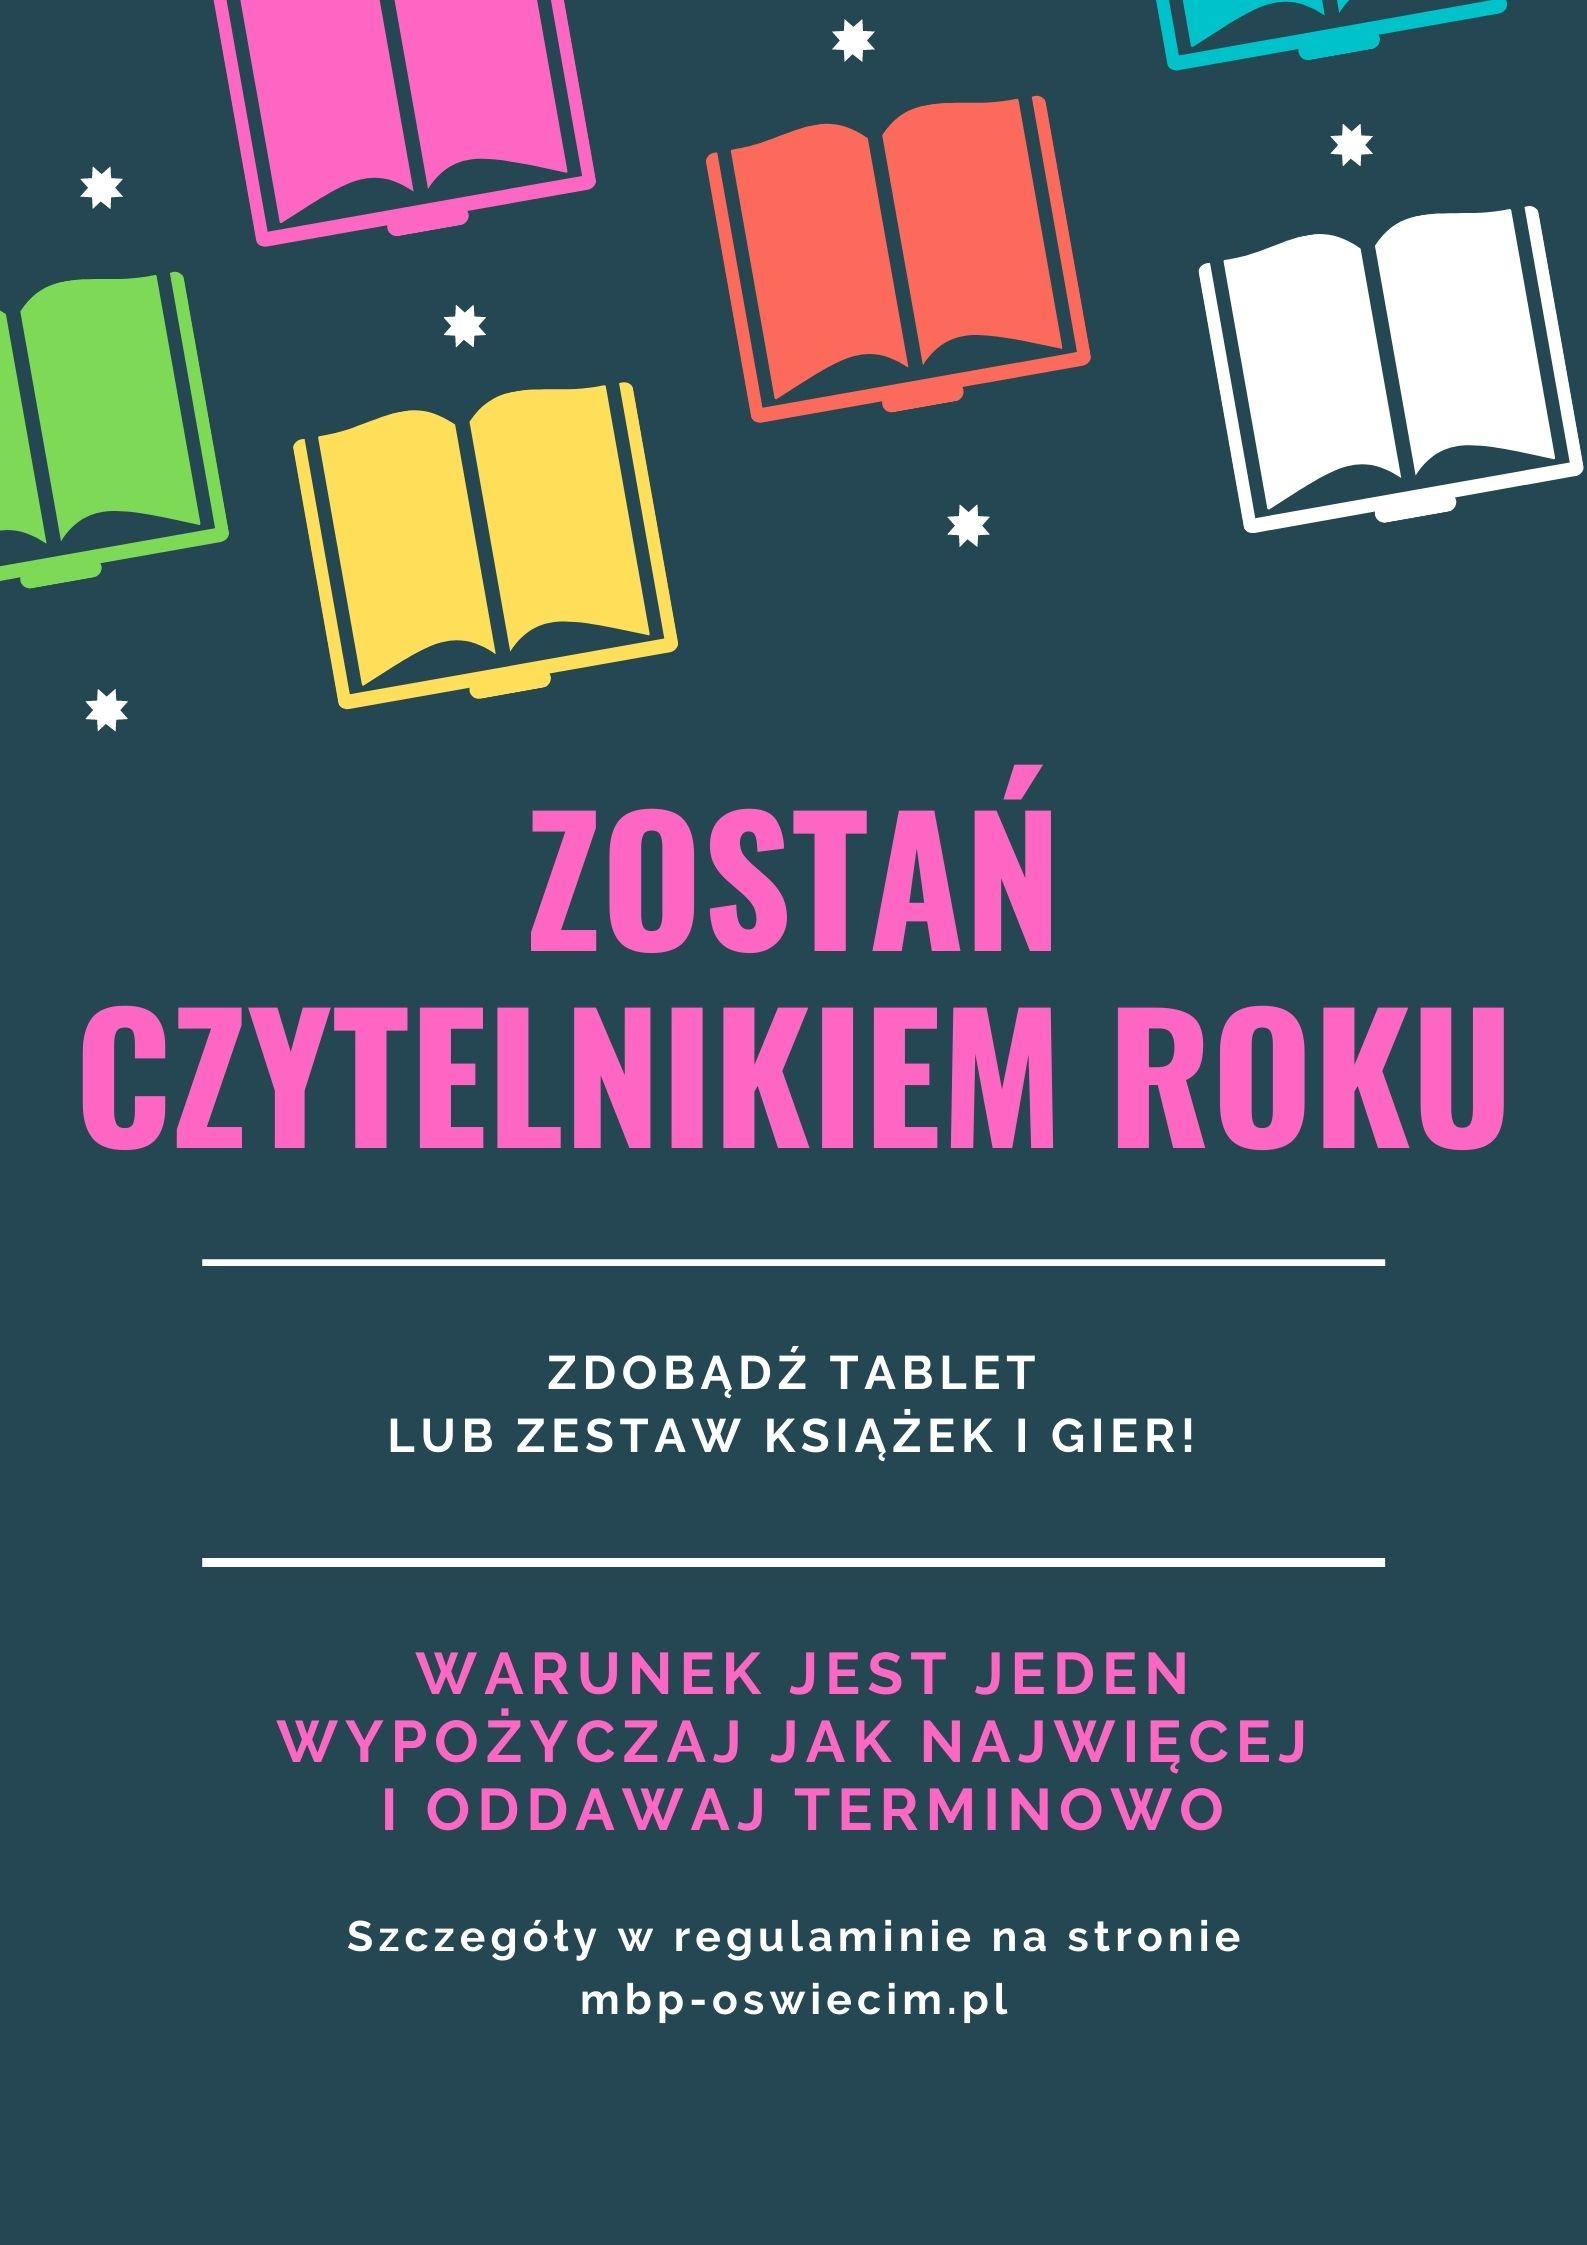 ZOSTAN-CZYTELNIKIEM-ROKU Biblioteka Oswiecim oswiecim pl